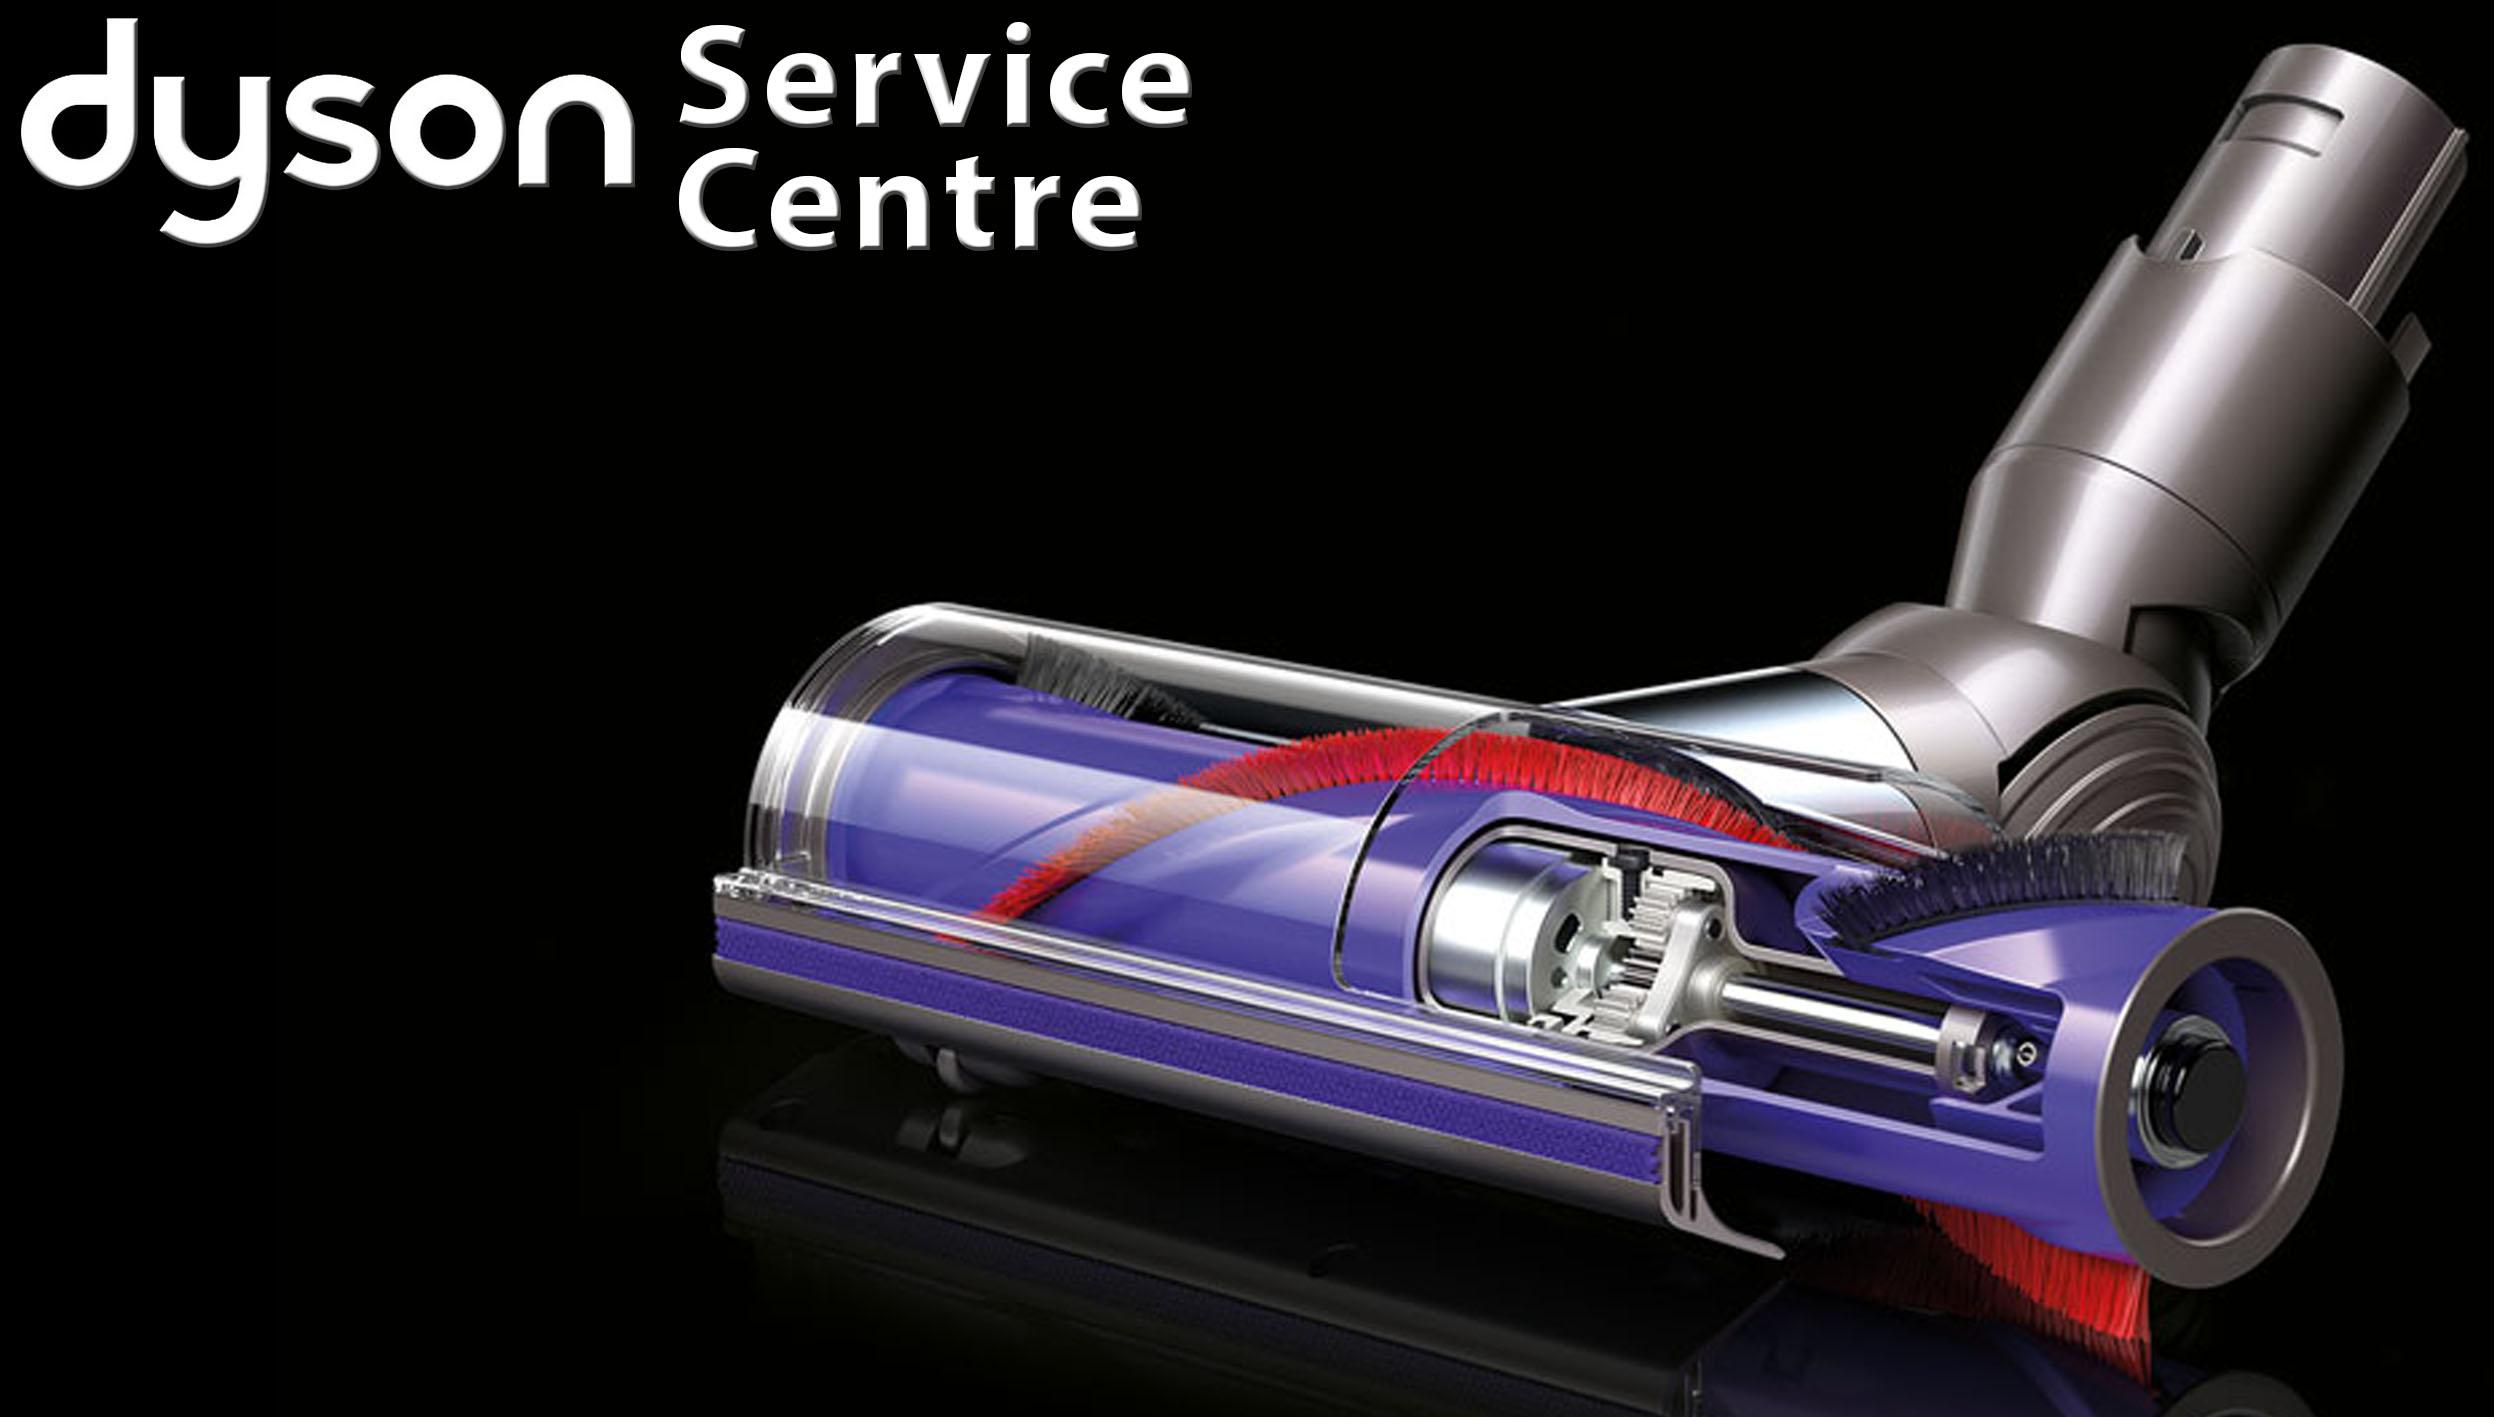 Dyson Service Centre